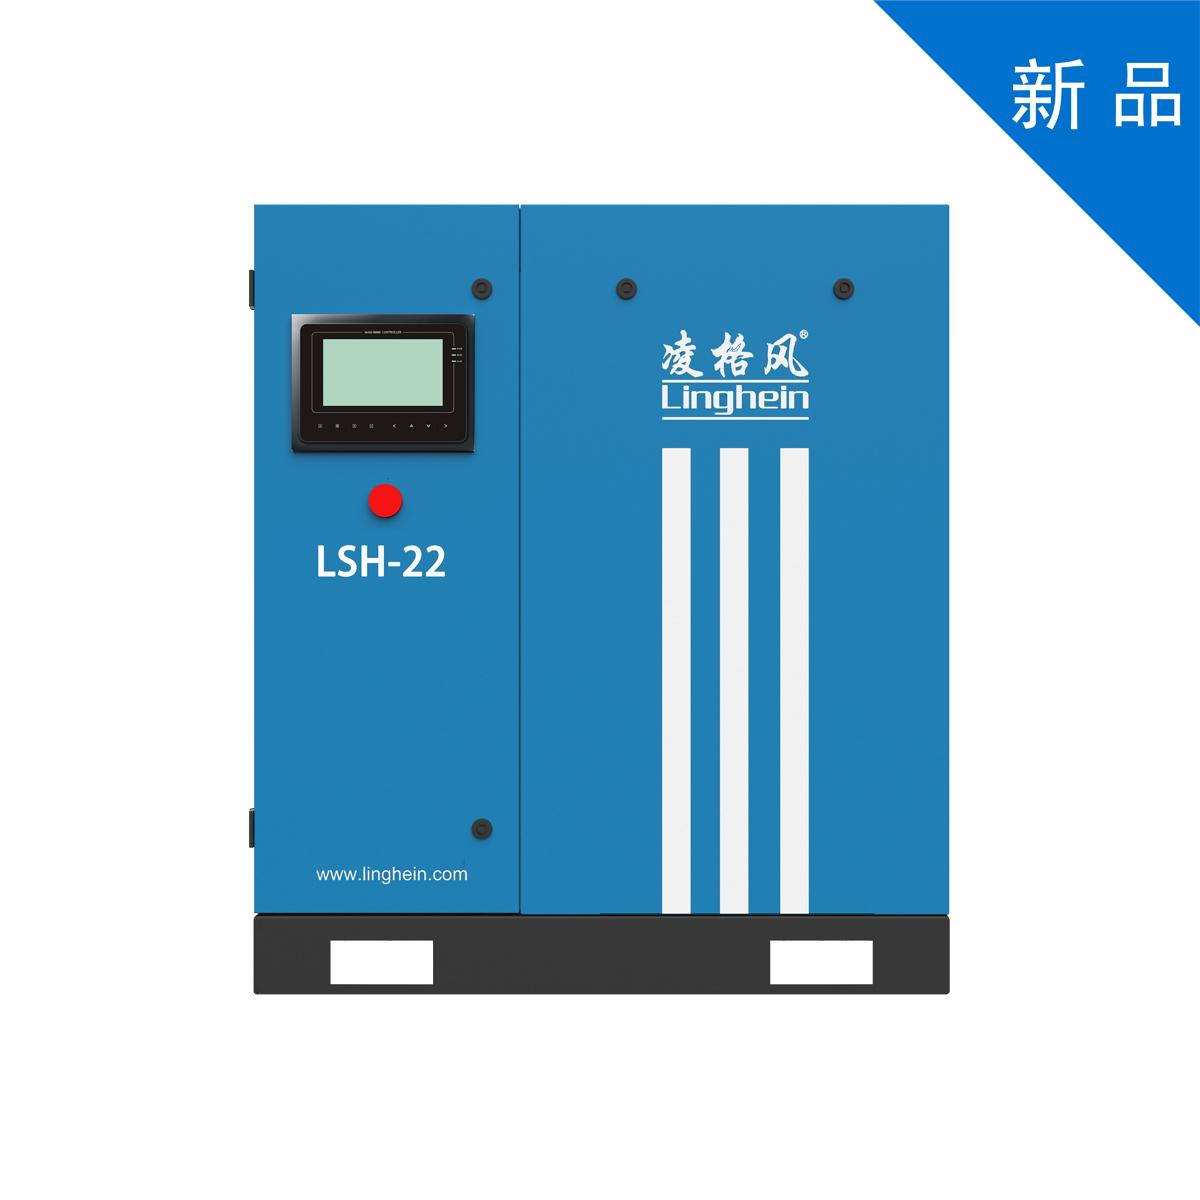 LSH系列 7.5-22kW